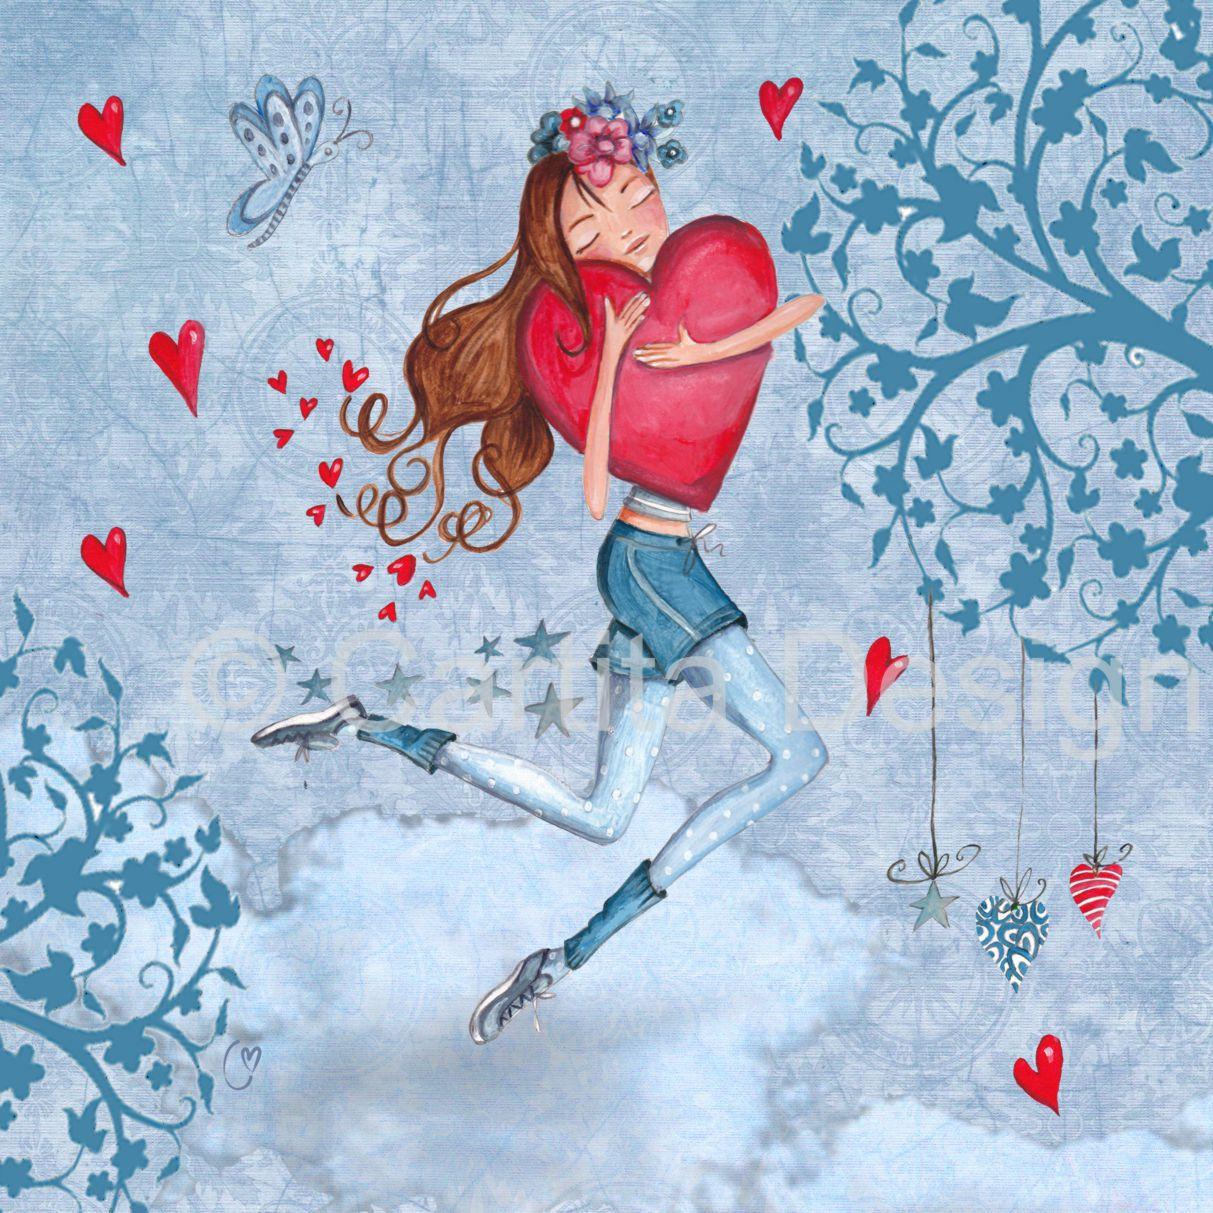 Illustrations | Cartita Design ©2012